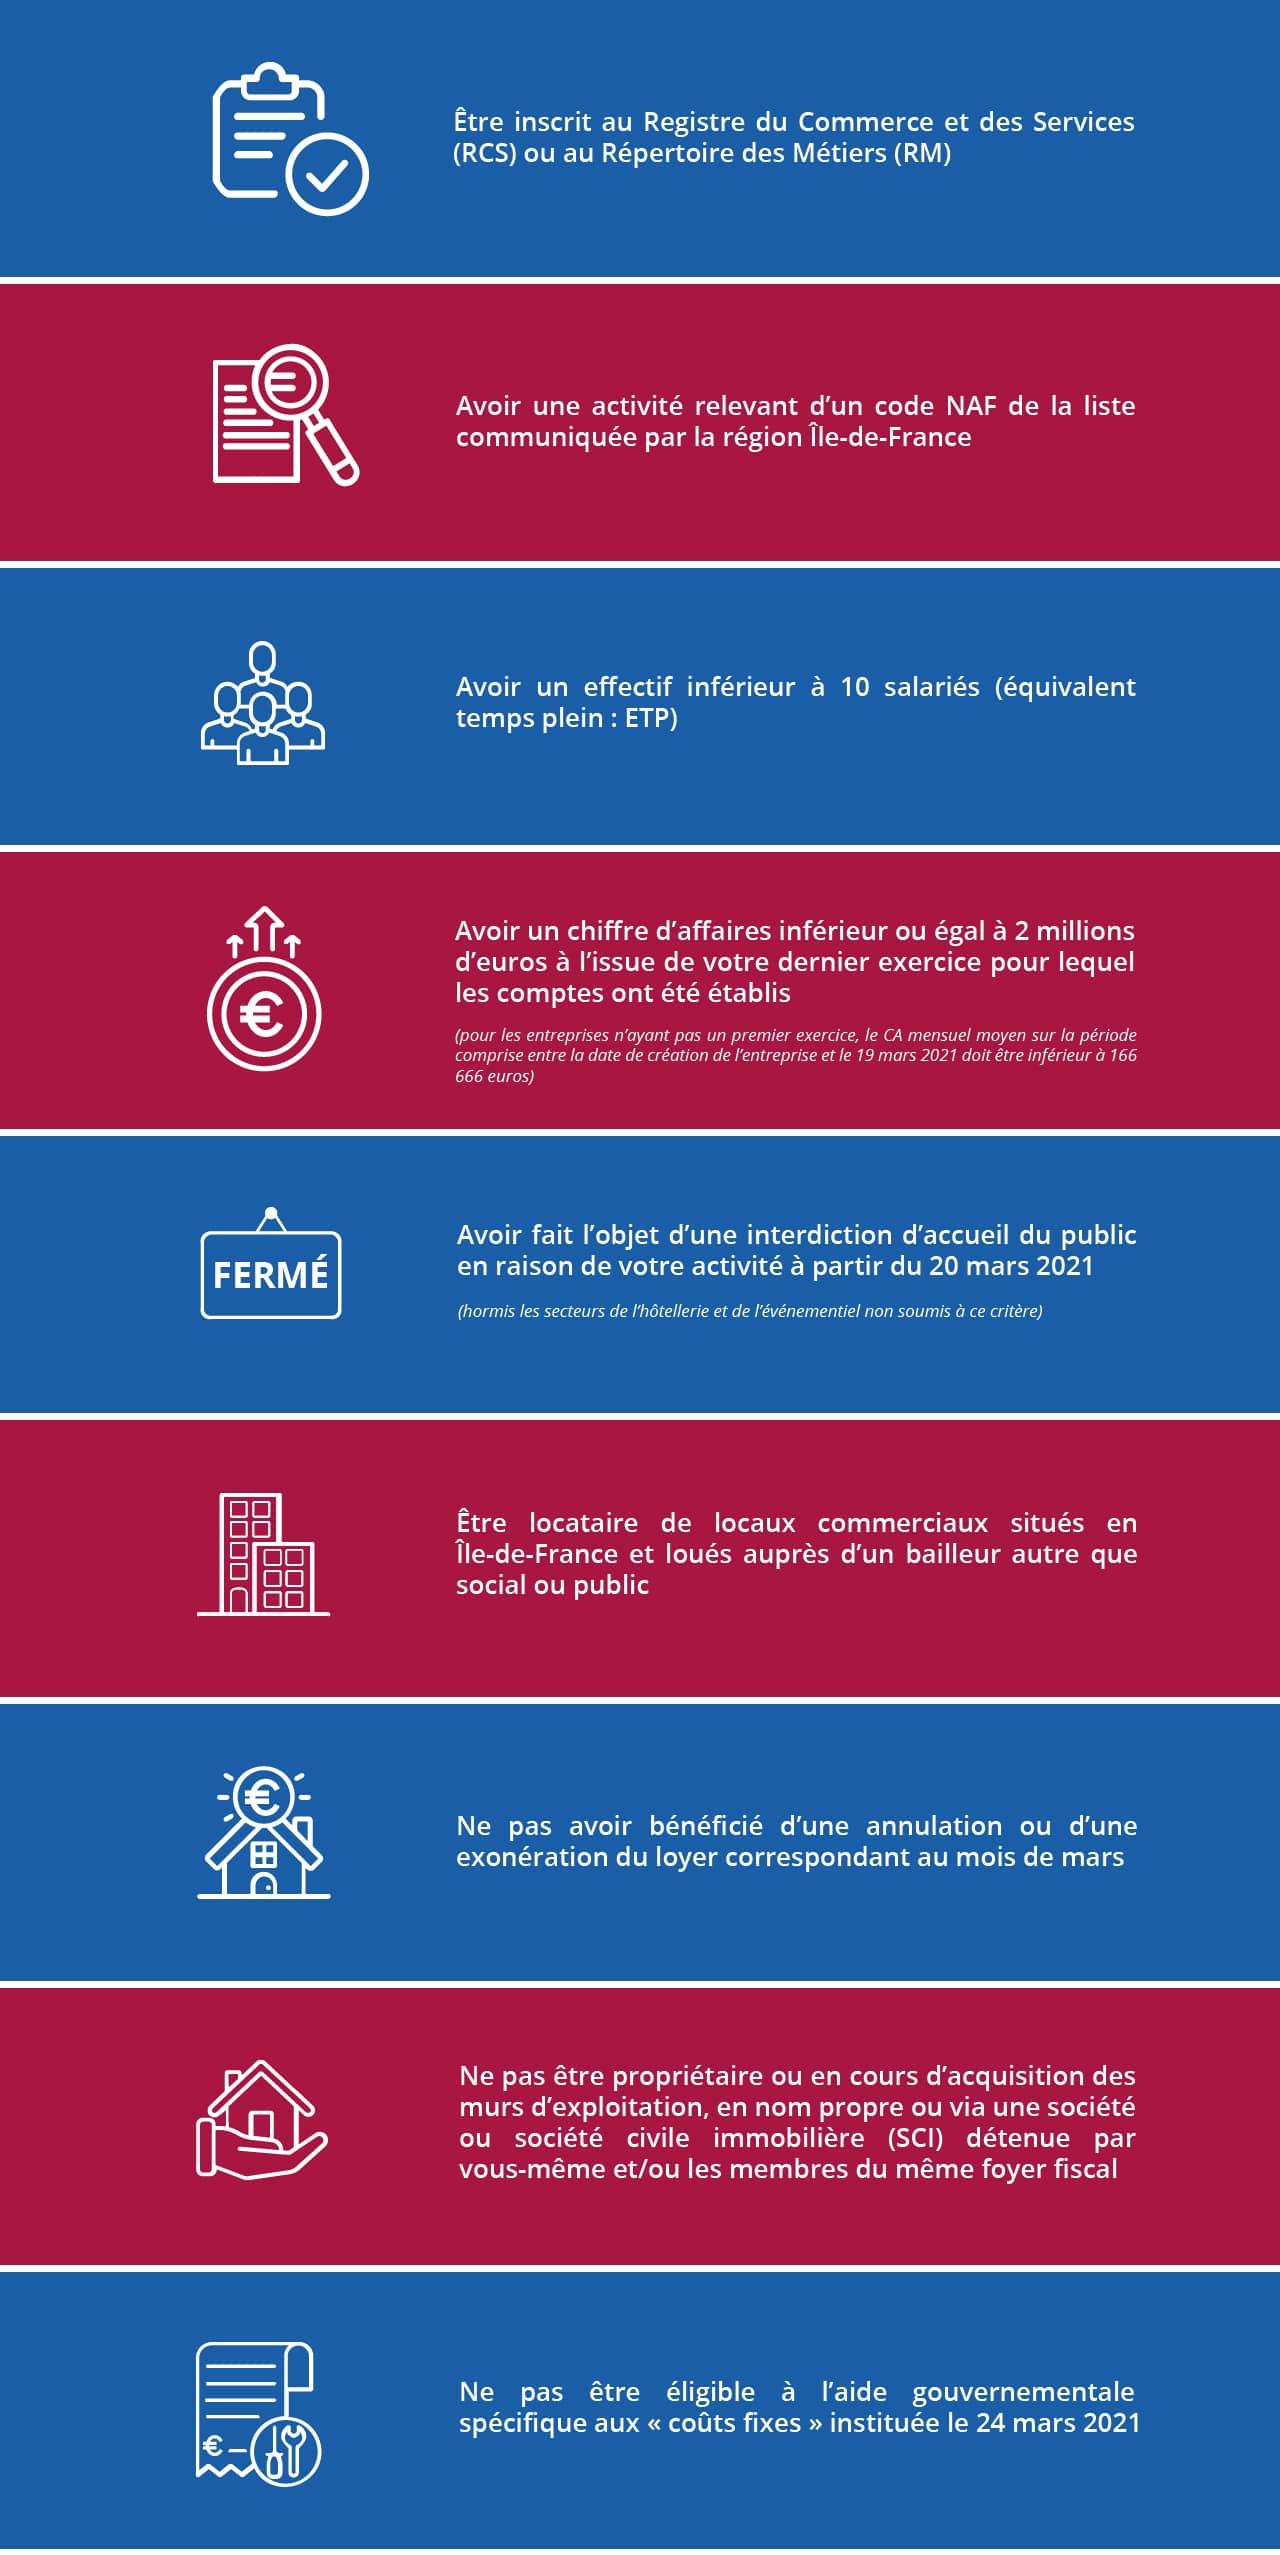 Aide au loyer reconduite, liste illustrée des critères d'éligibilité pour obtenir l'aide au loyer pour mars 2021